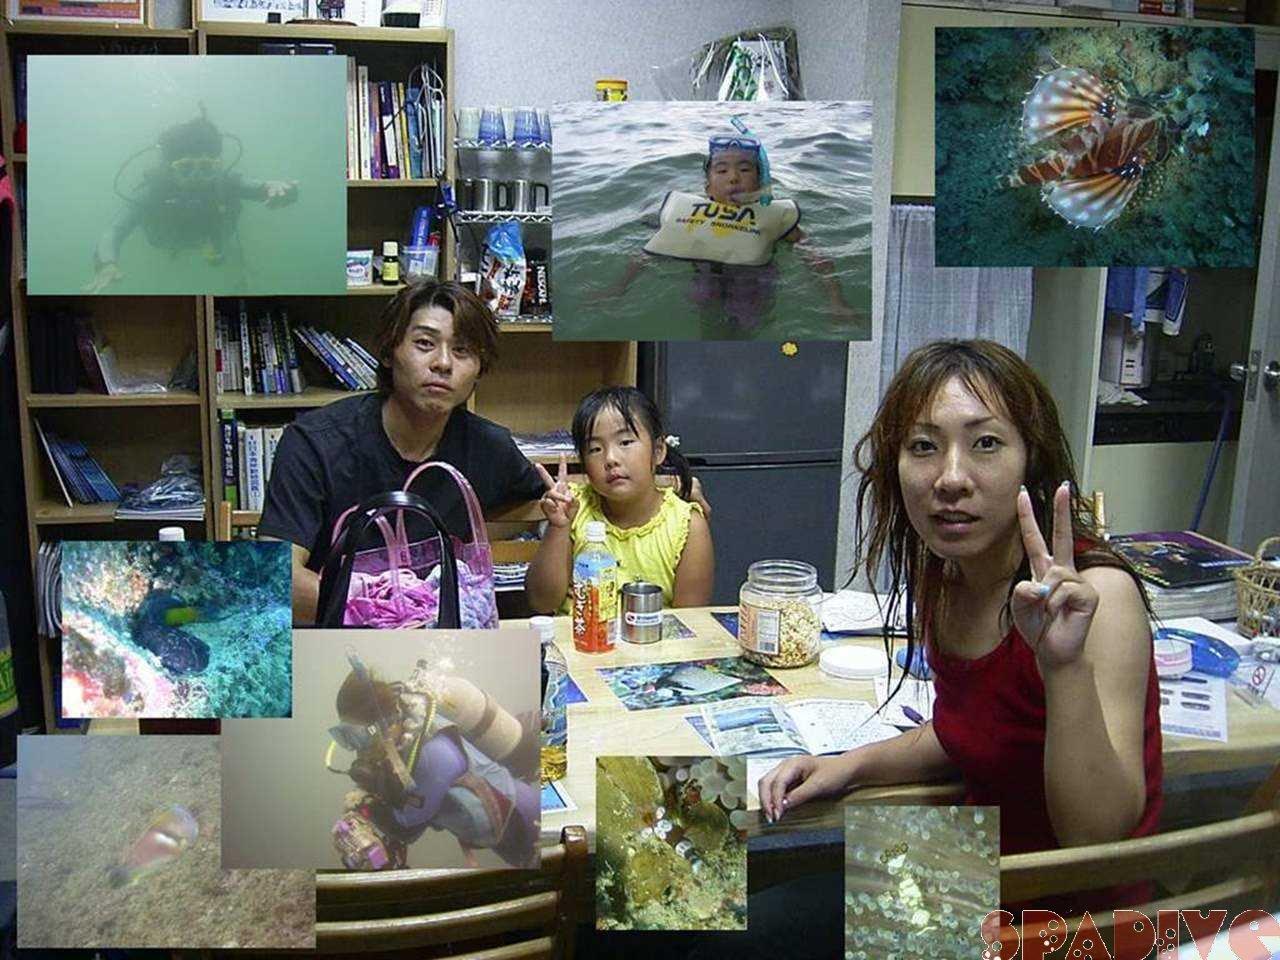 ペイマンケーブ&三段壁&権現崎ファン&体験ダイビング 8/8/2004